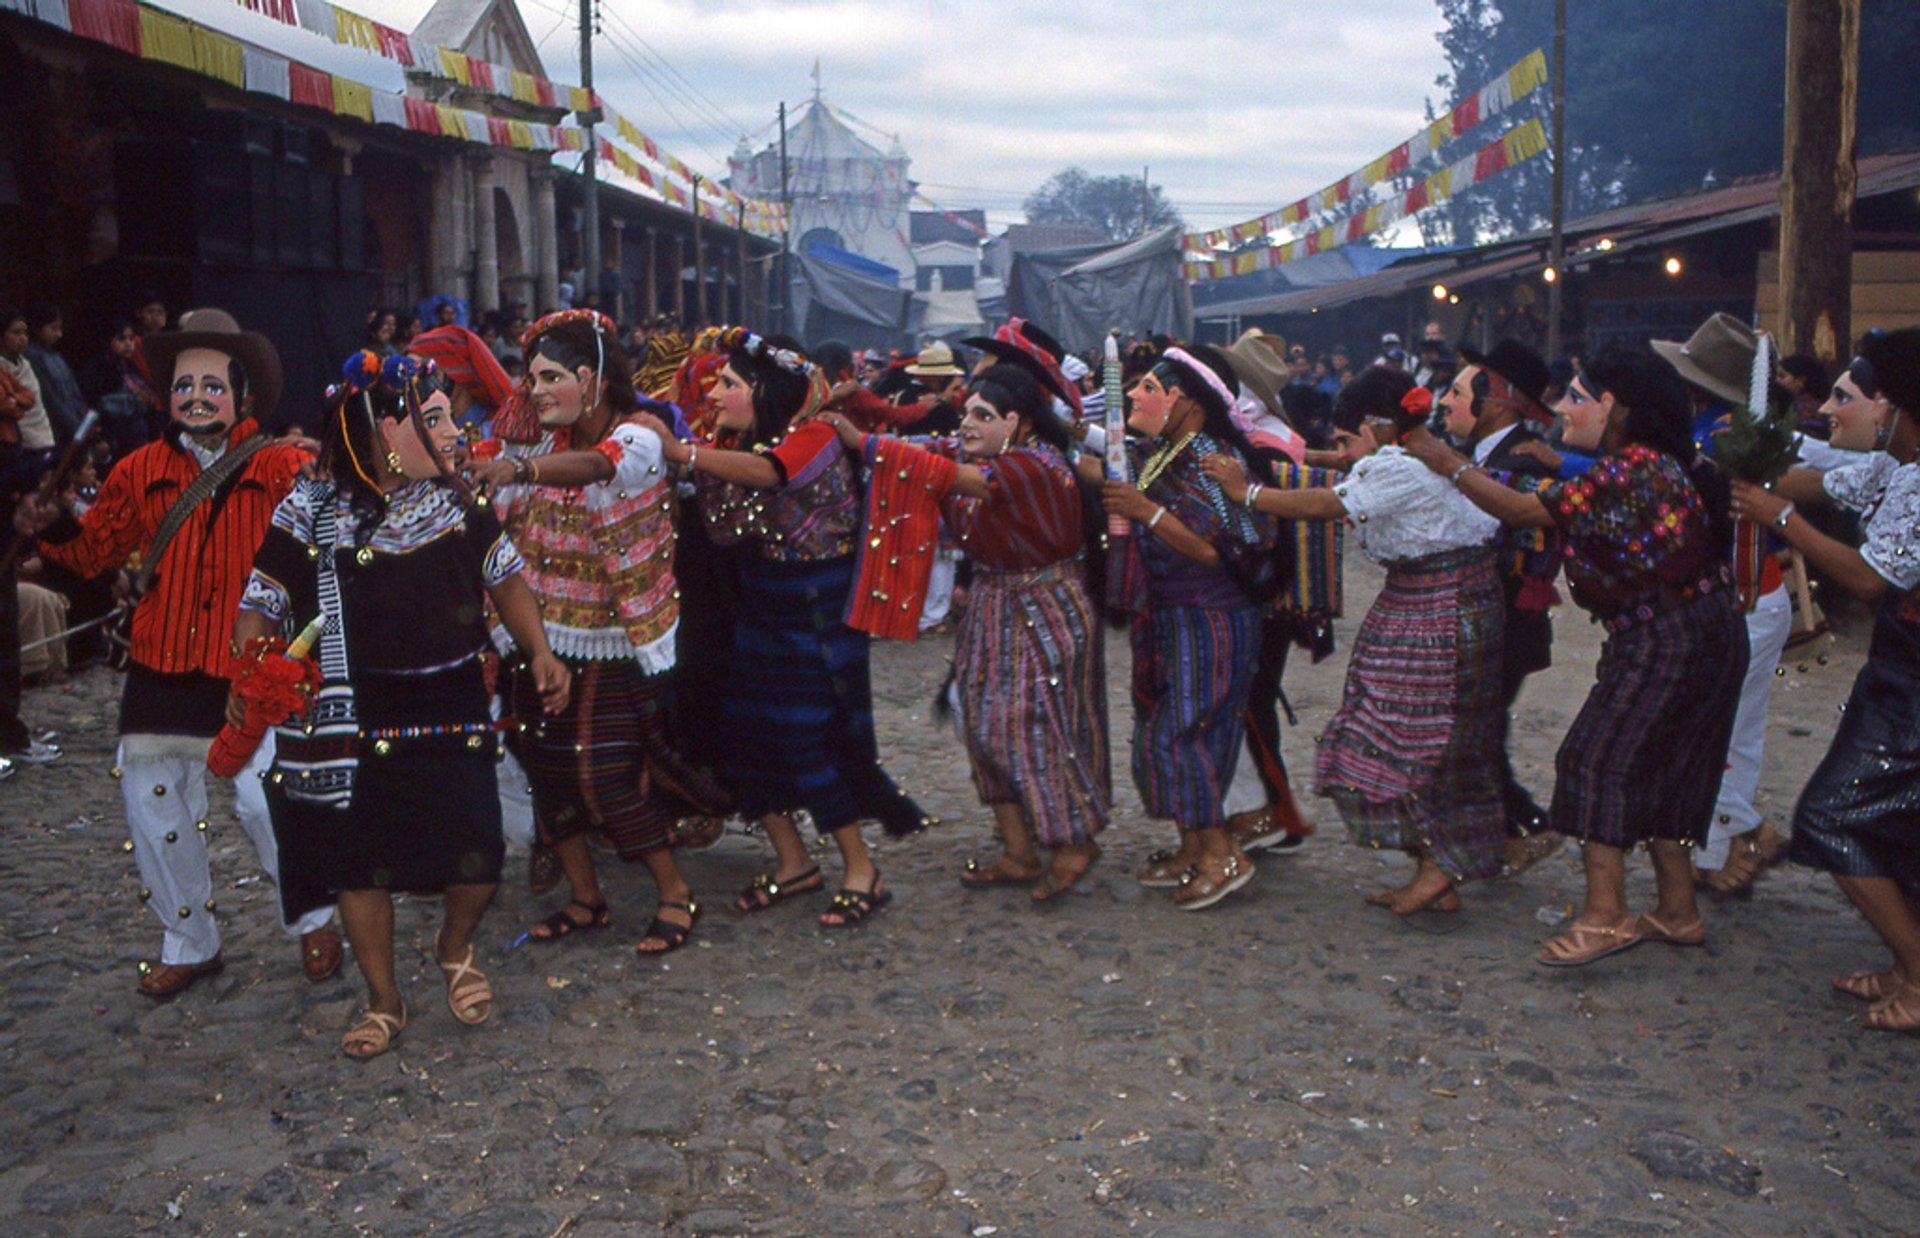 guatemala-fiesta-de-santo-tomas